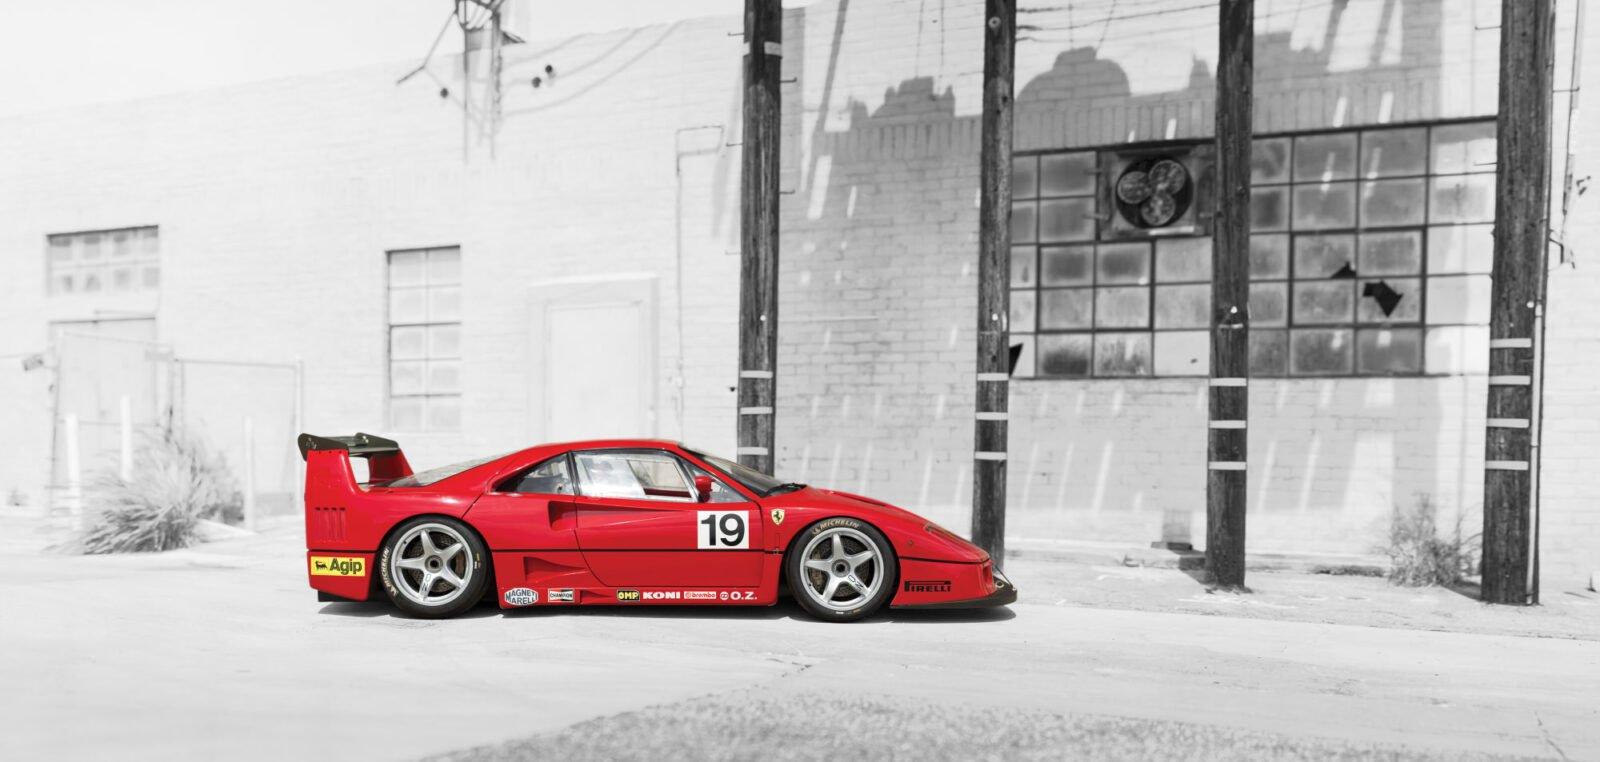 Ferrari F40 LM 5 1600x762 - Ferrari F40 LM